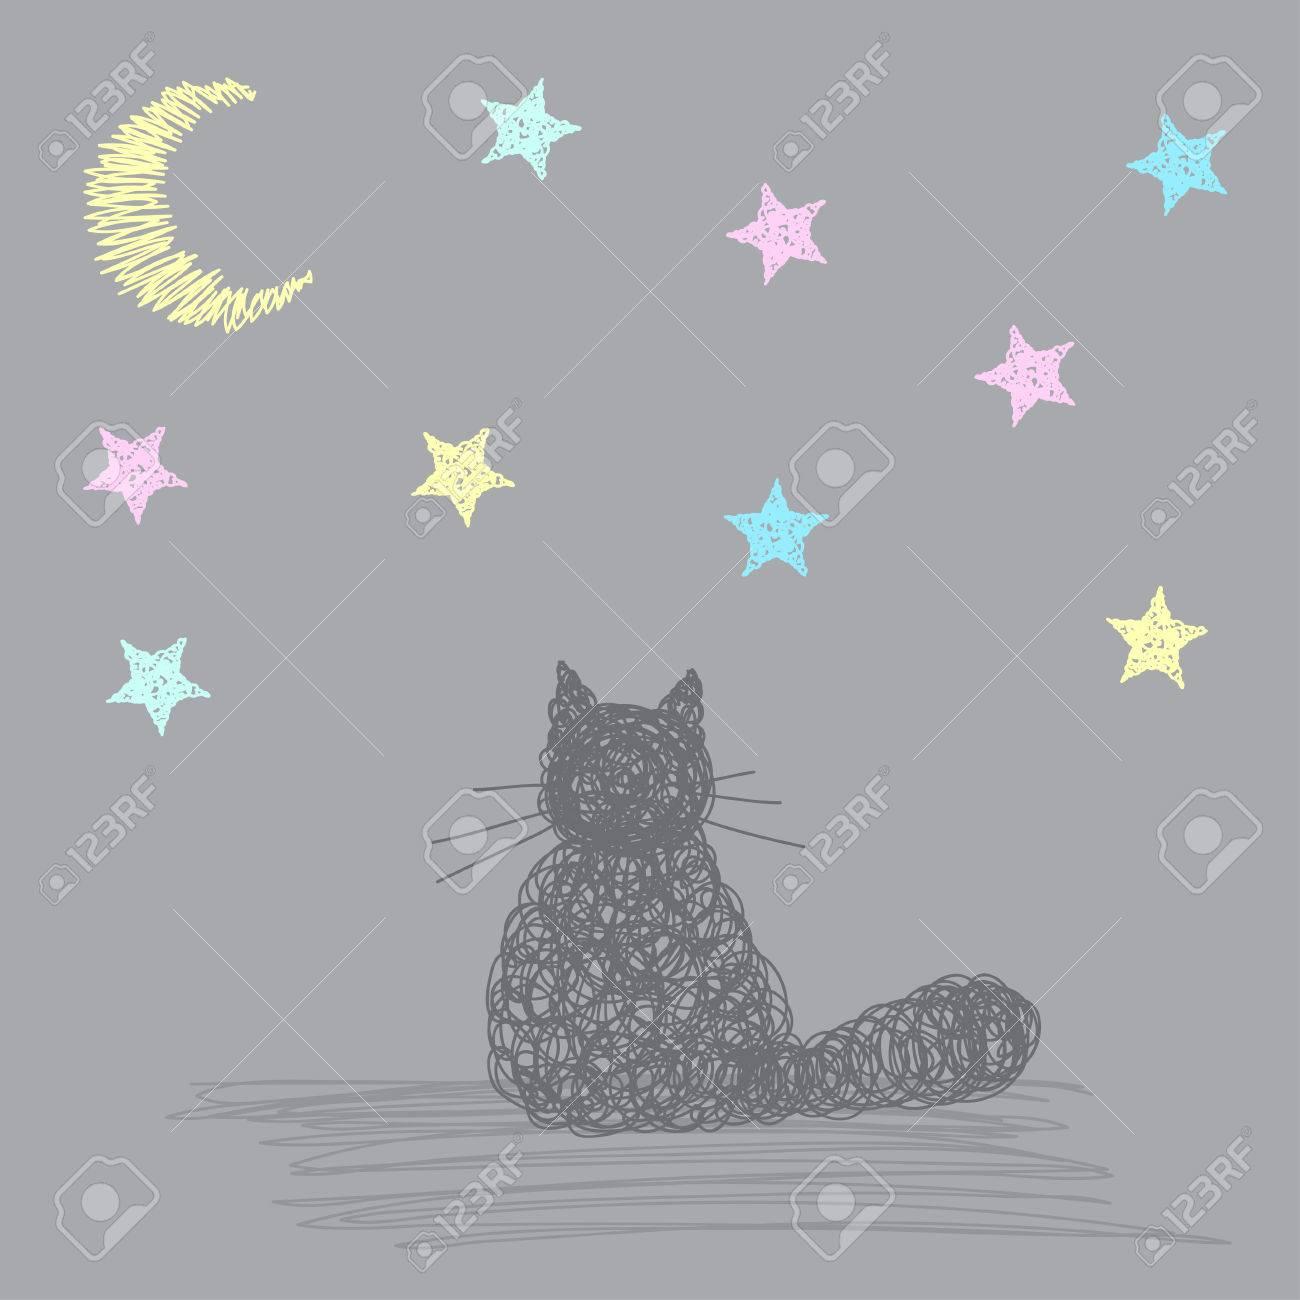 星と月と猫と手作りカードの背景テンプレートを落書き 手には シンプル